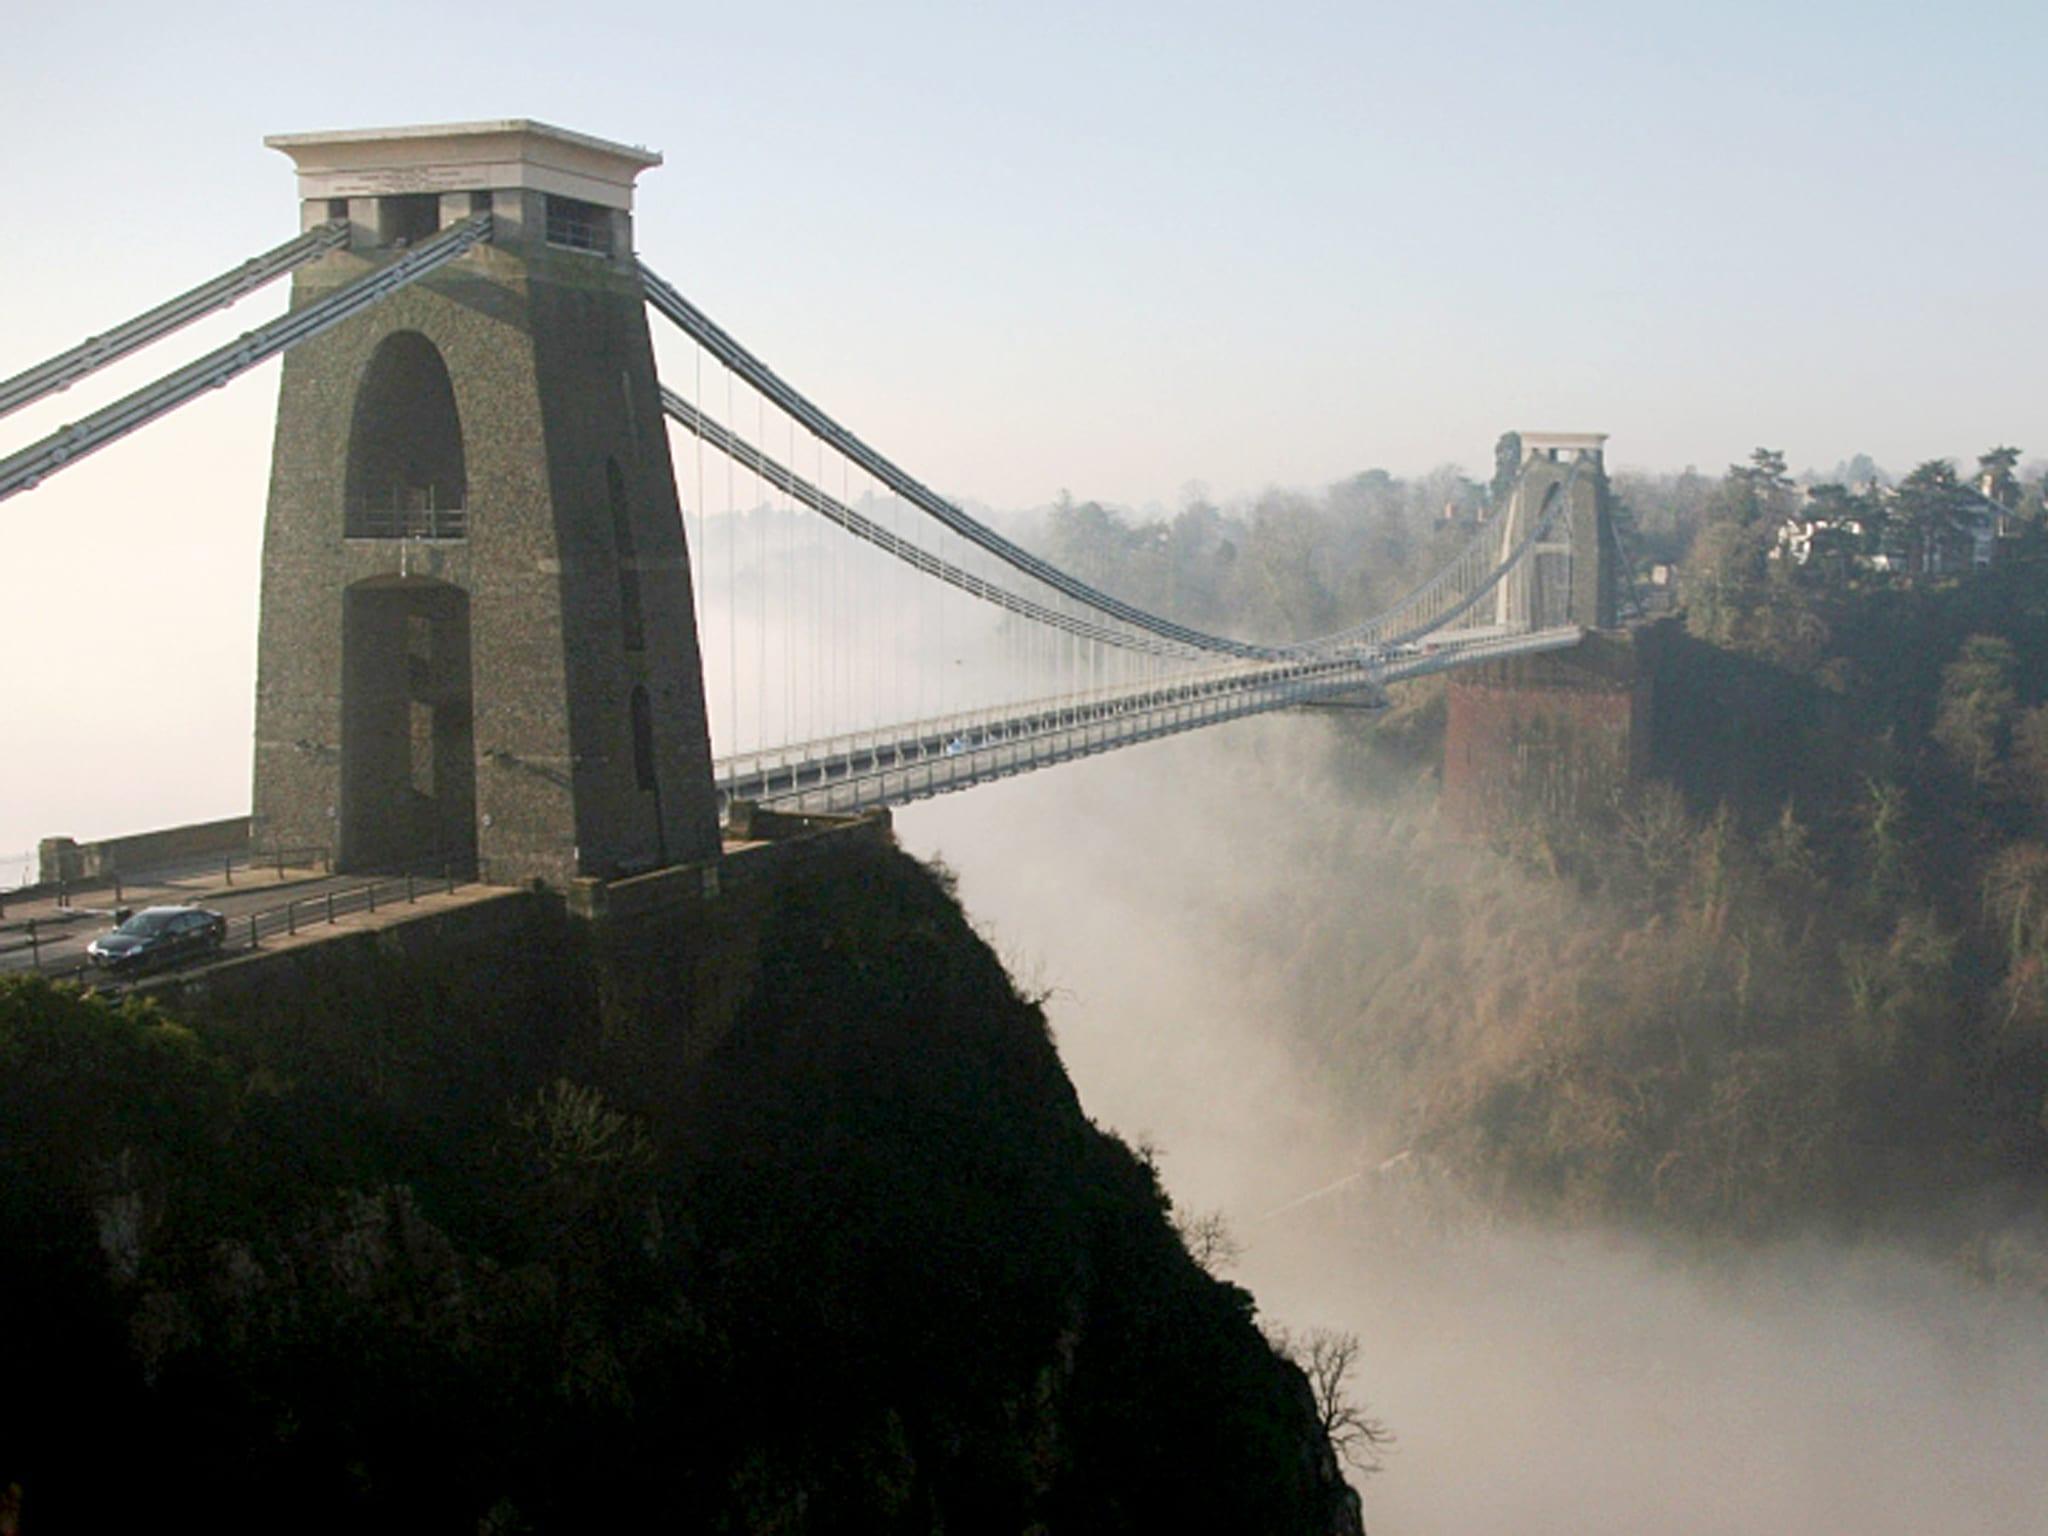 el puente colgante de bristol en 1 día